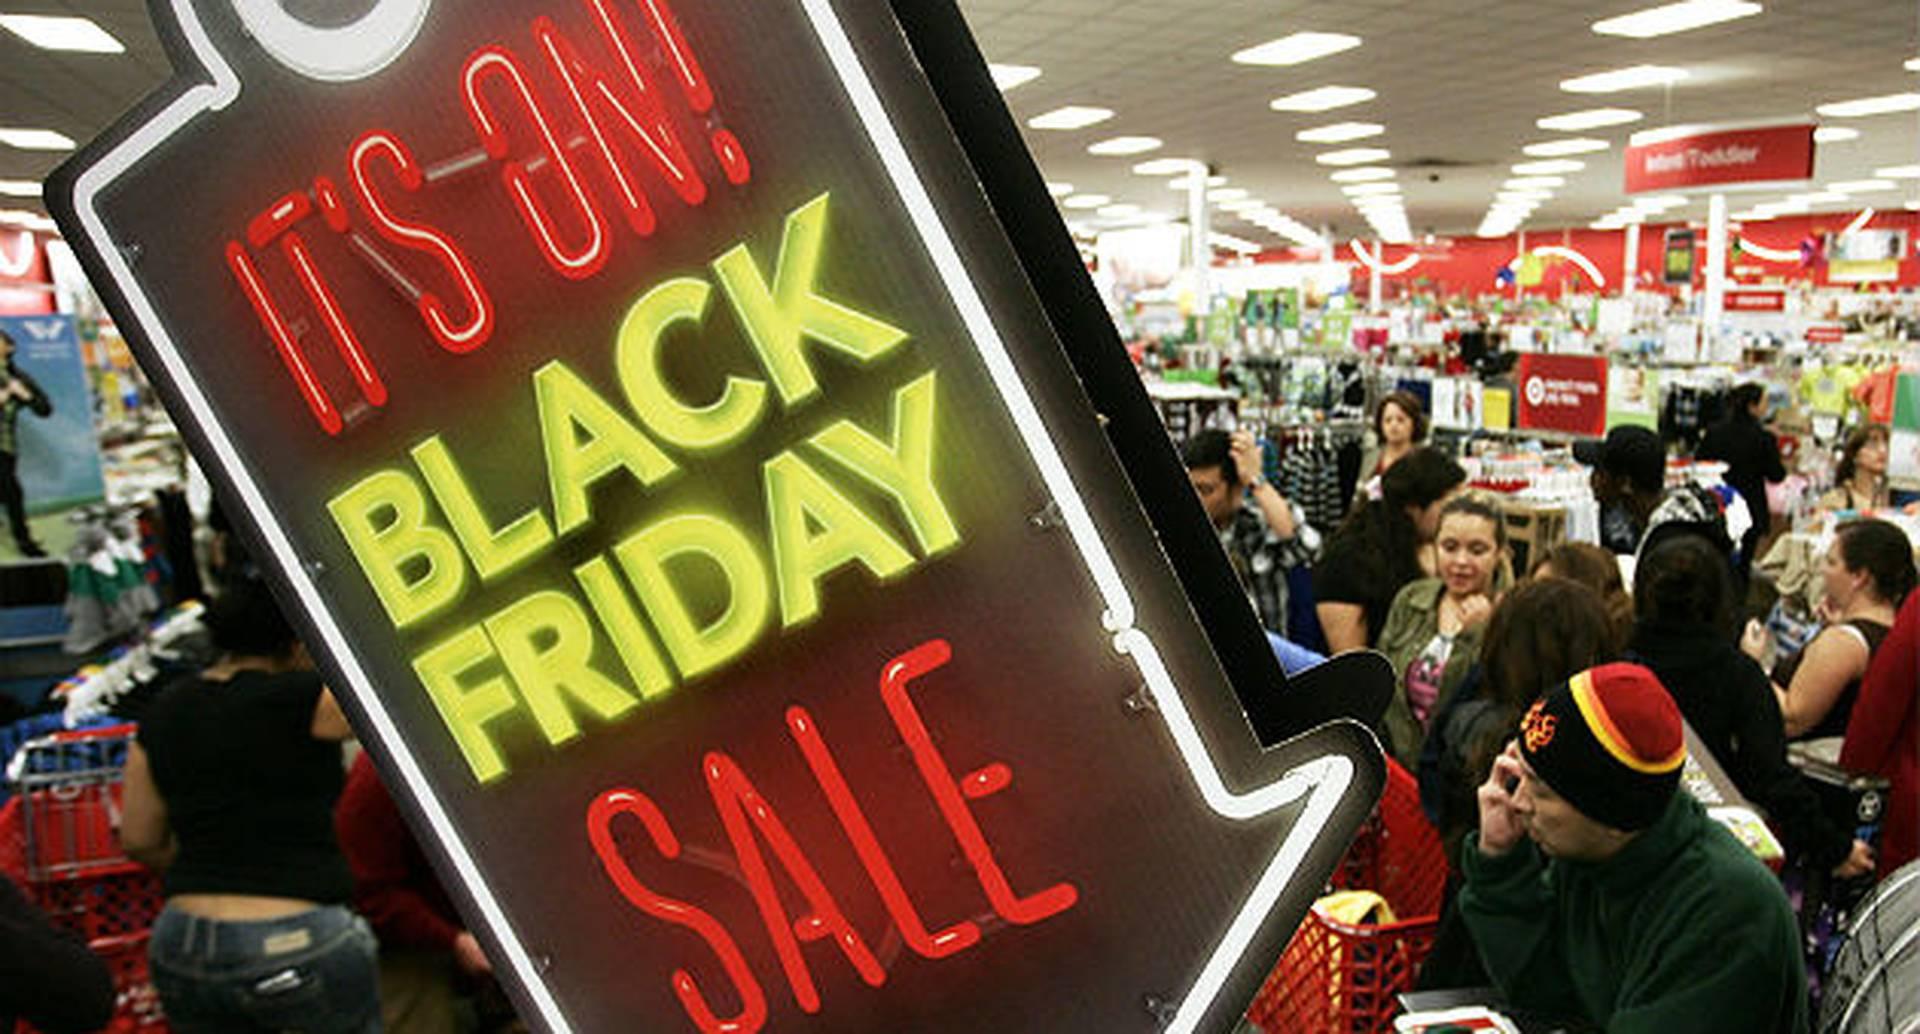 A pesar de que muchos aprovechan para comprar cosas a bajo precio, otros dicen que las grandes cadenas inducen a comprar cosas innecesarias.